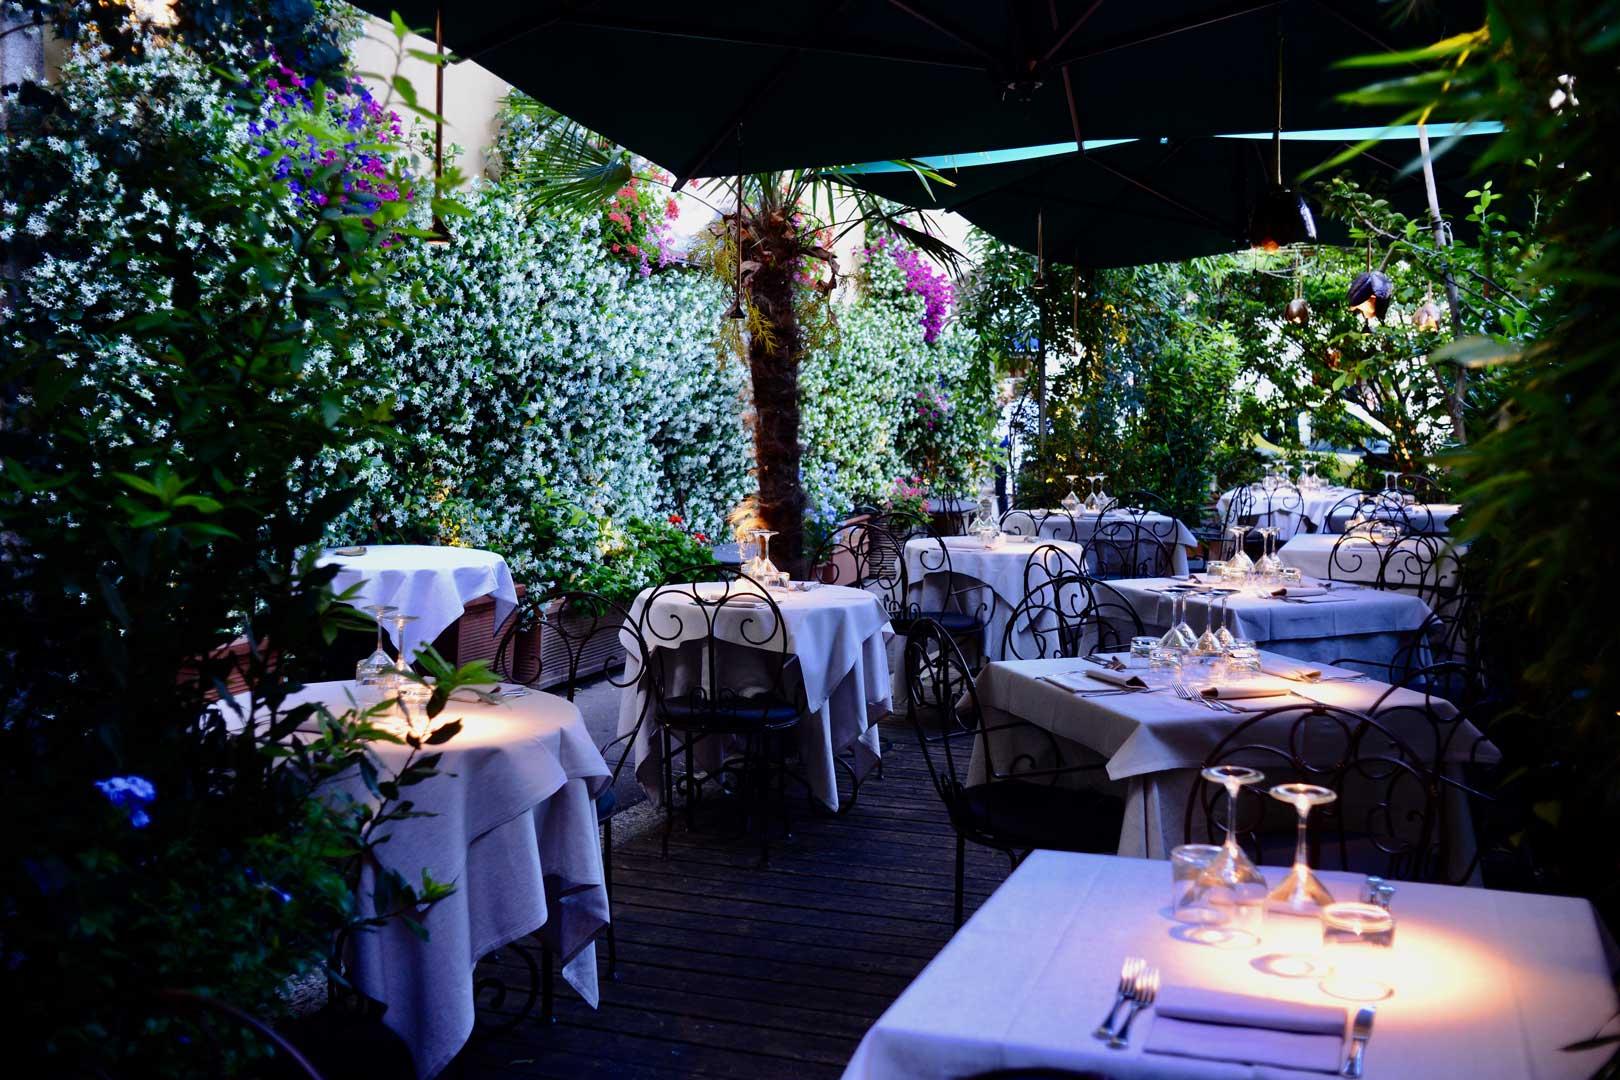 10-ristoranti-da-provare-a-milano-questa-primavera-estate-cantina-piemontese-ok